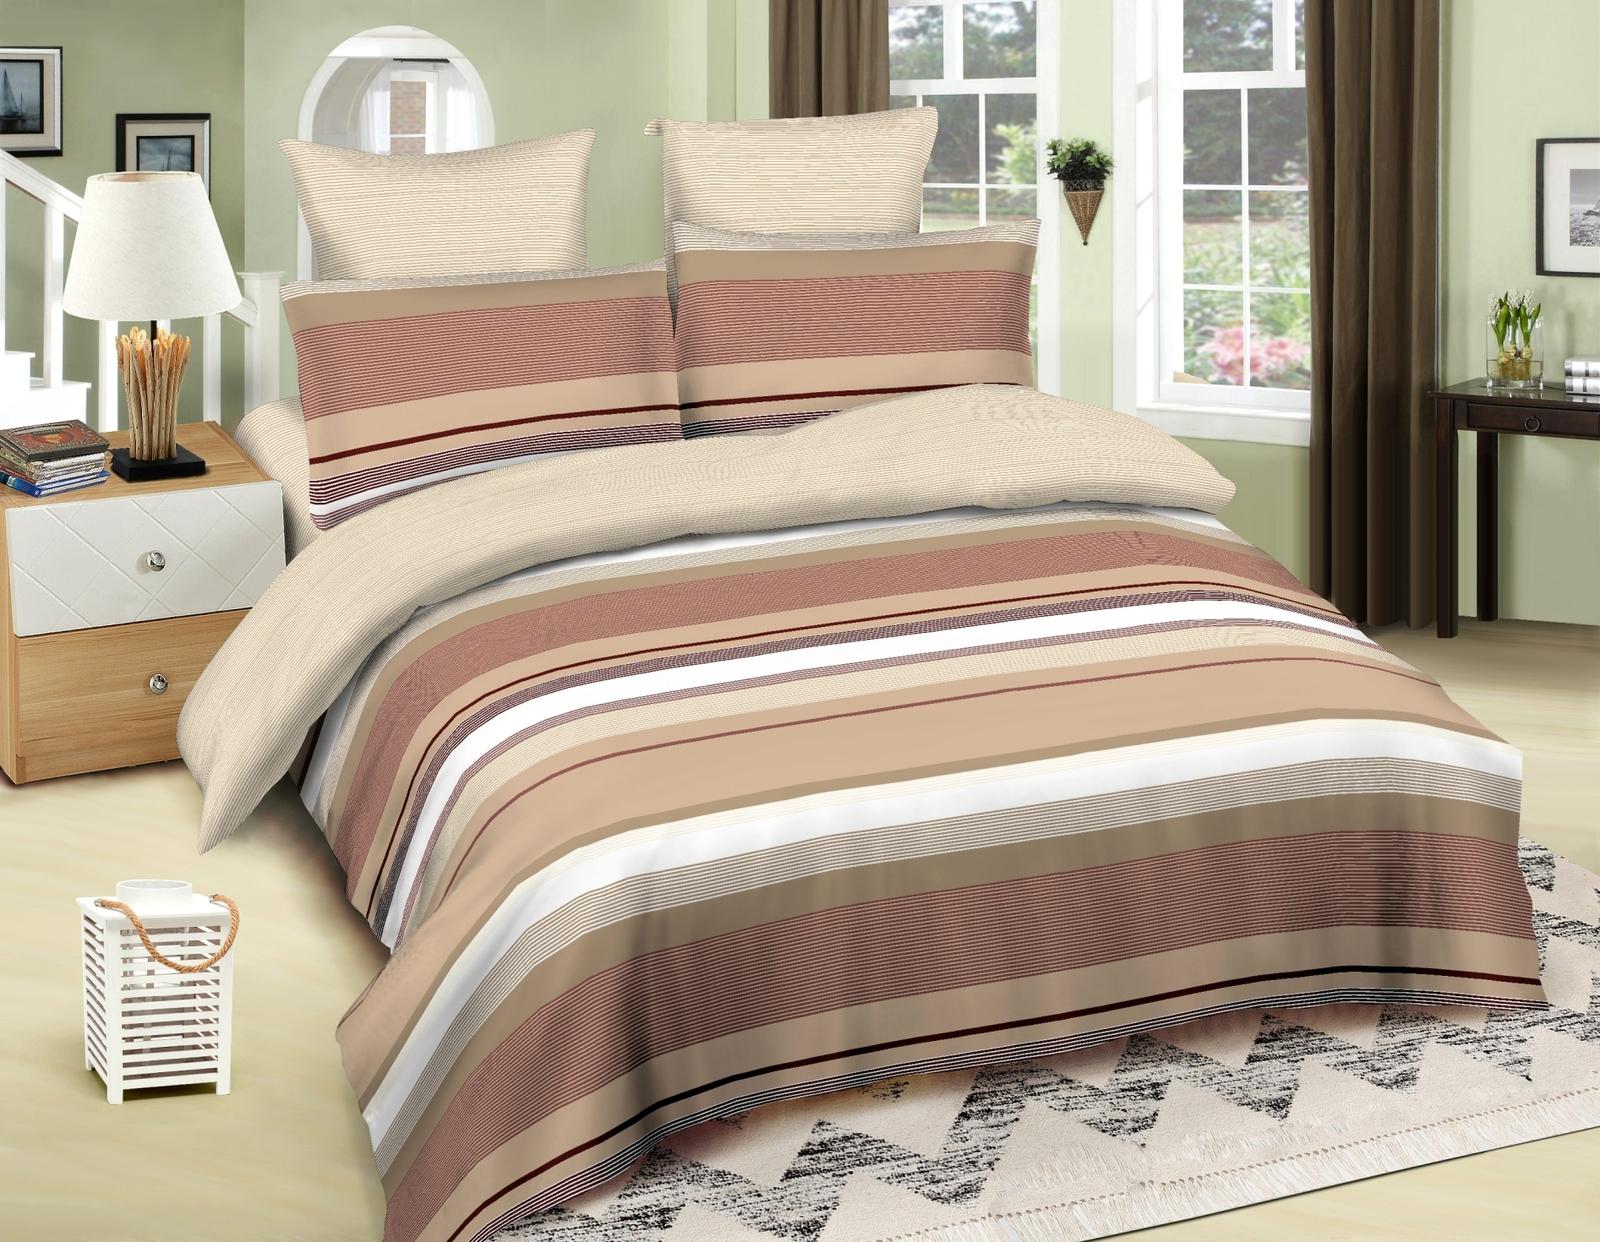 Комплект белья Amore Mio Nairobi, 1,5-спальный, наволочки 70x70